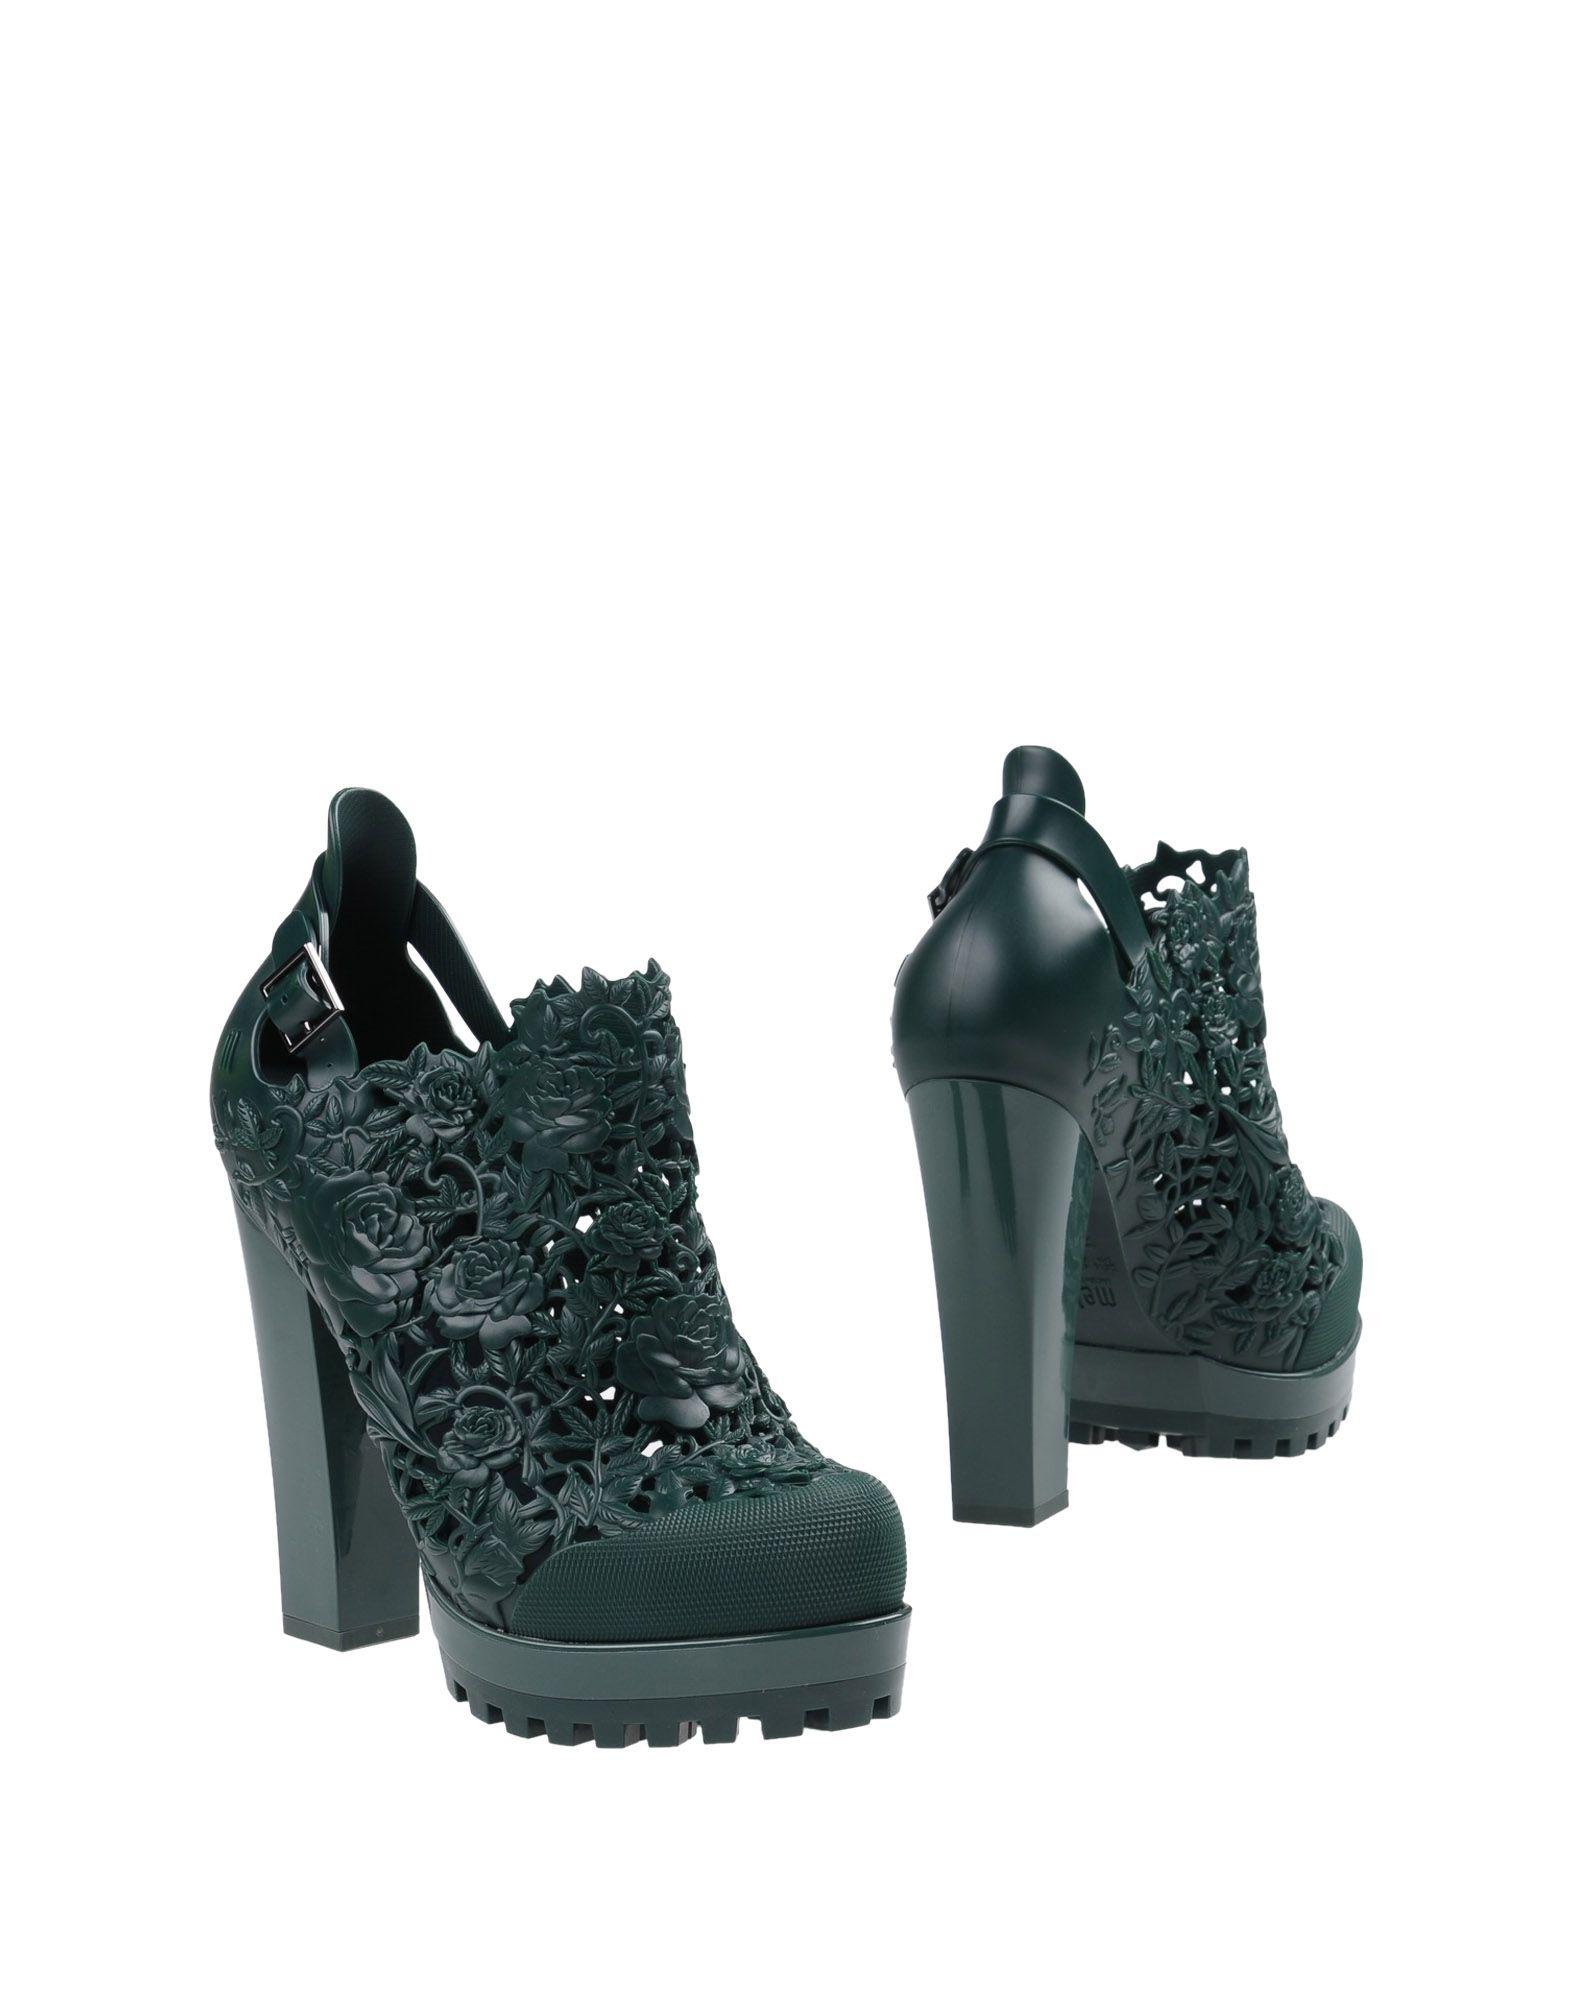 Gut tragenMelissa um billige Schuhe zu tragenMelissa Gut + Alexandre Herchcovitch Stiefelette Damen  11339384EH 3d16e5